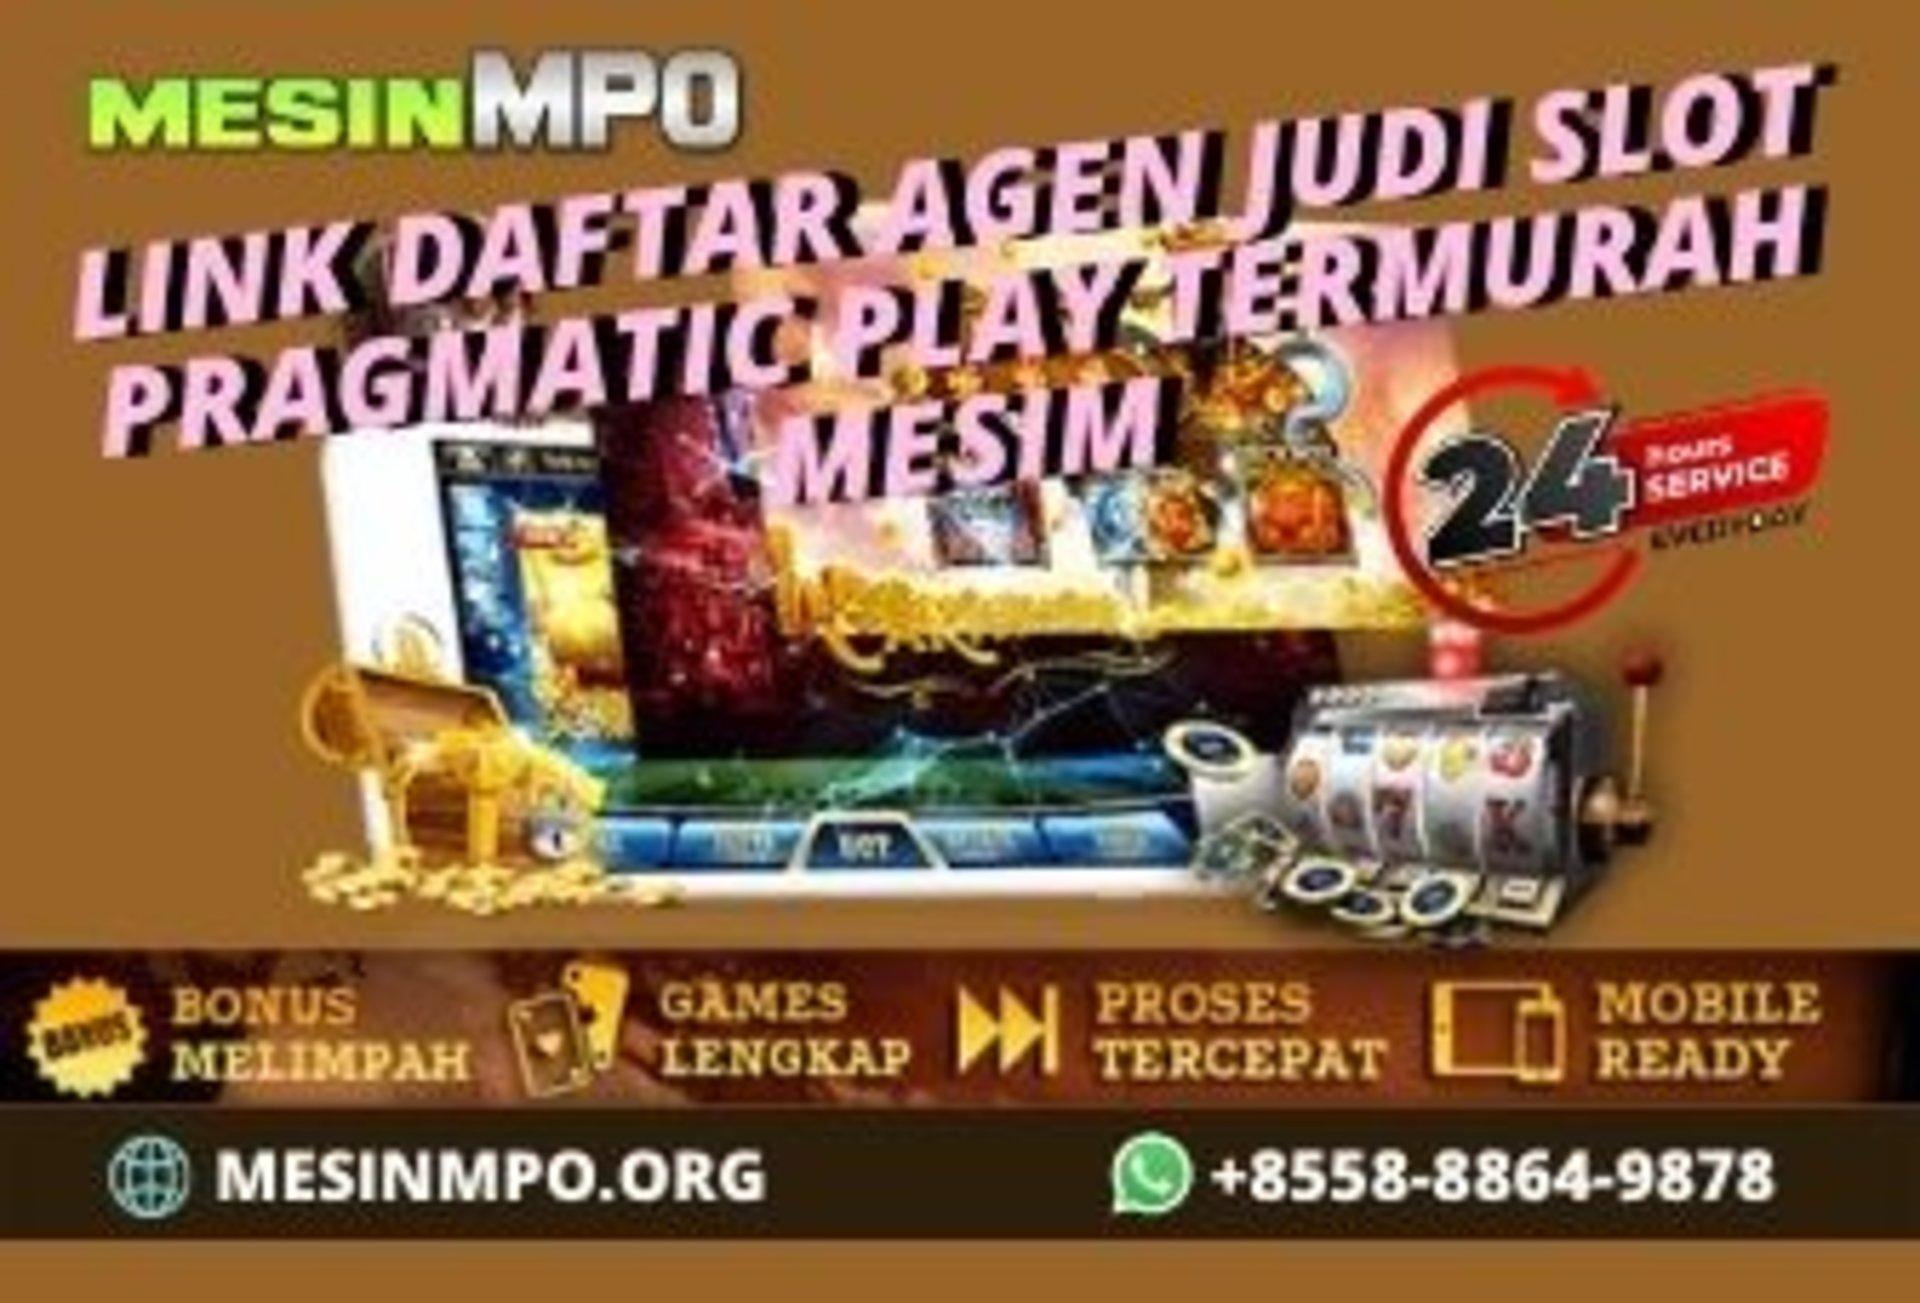 Link Daftar Agen Judi Slot Pragmatic Play Termurah Mesinmpo Judimpo